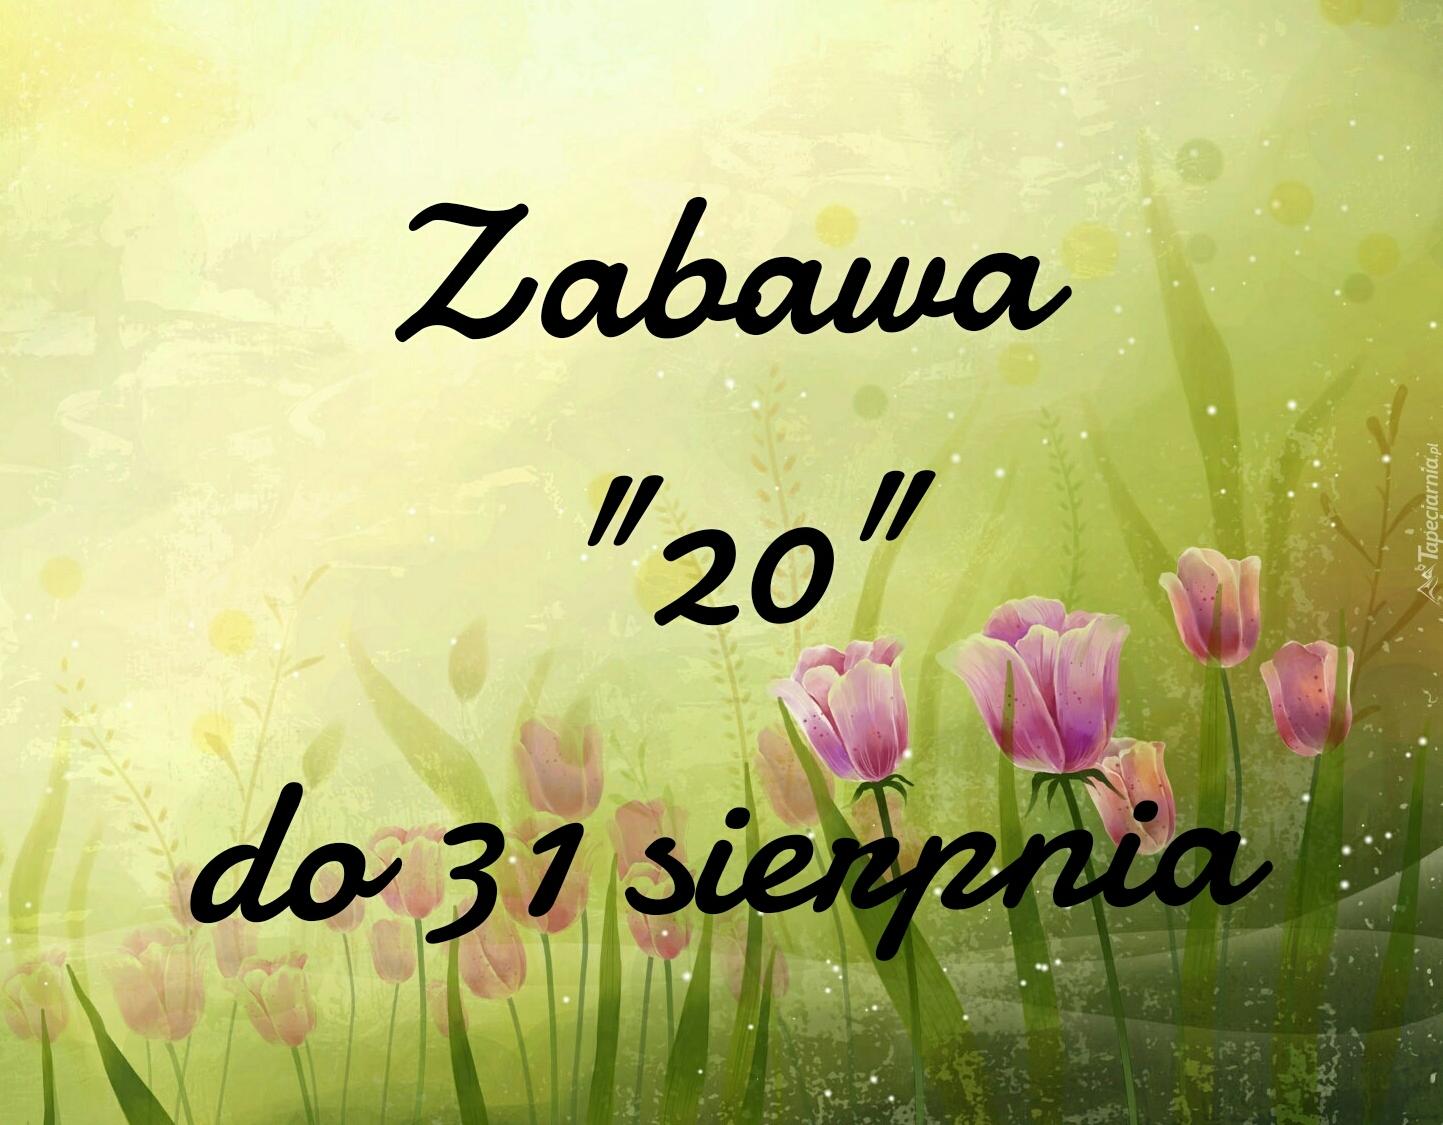 Zabawa w 20:)